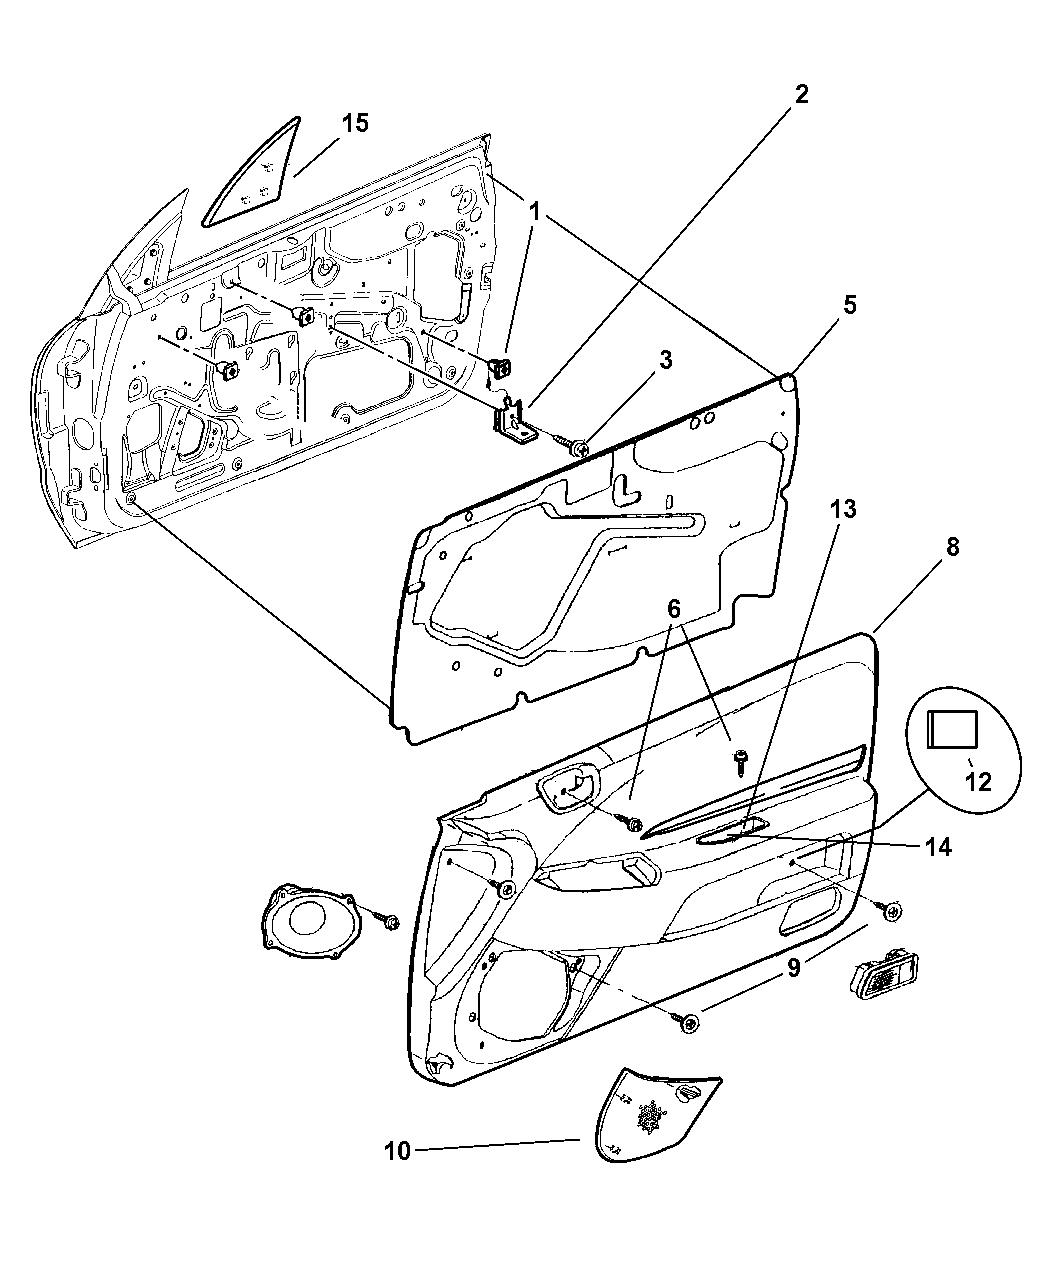 Genuine Chrysler GRILLE-SPEAKER